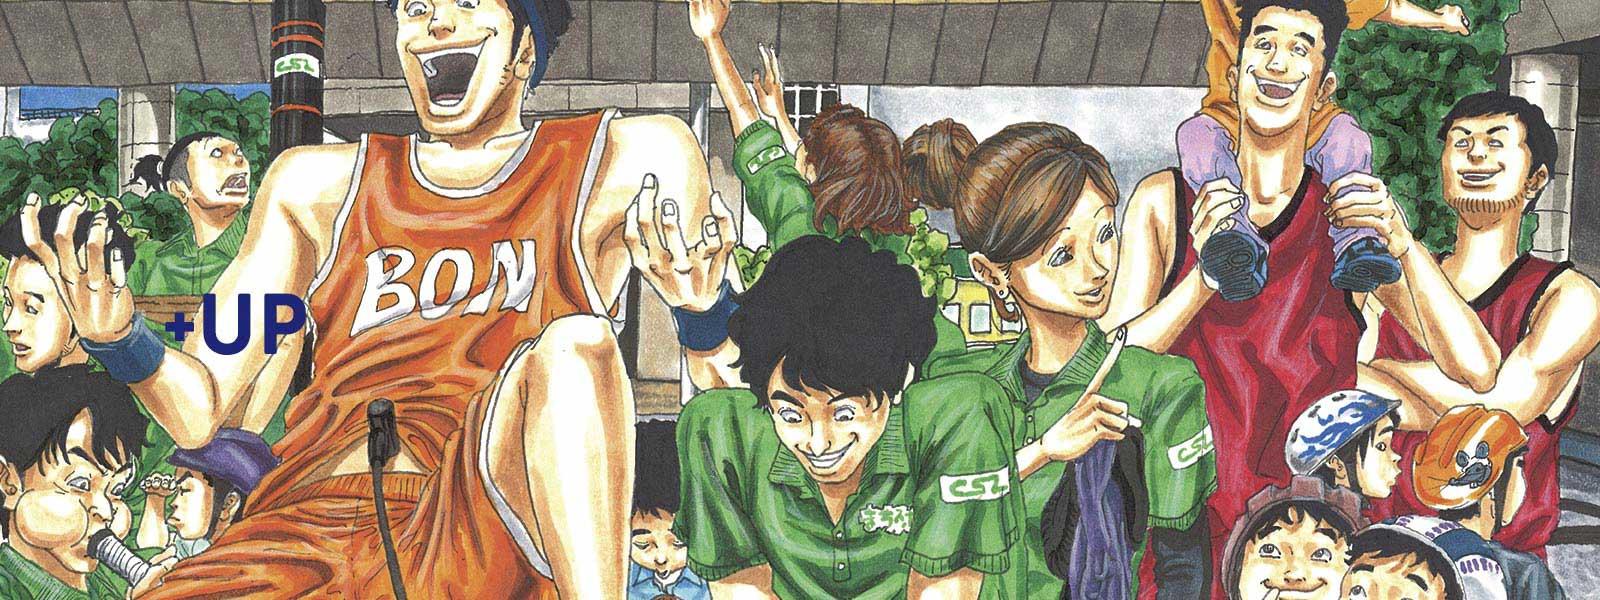 スポーツボランティアバンク〜プラスアップ